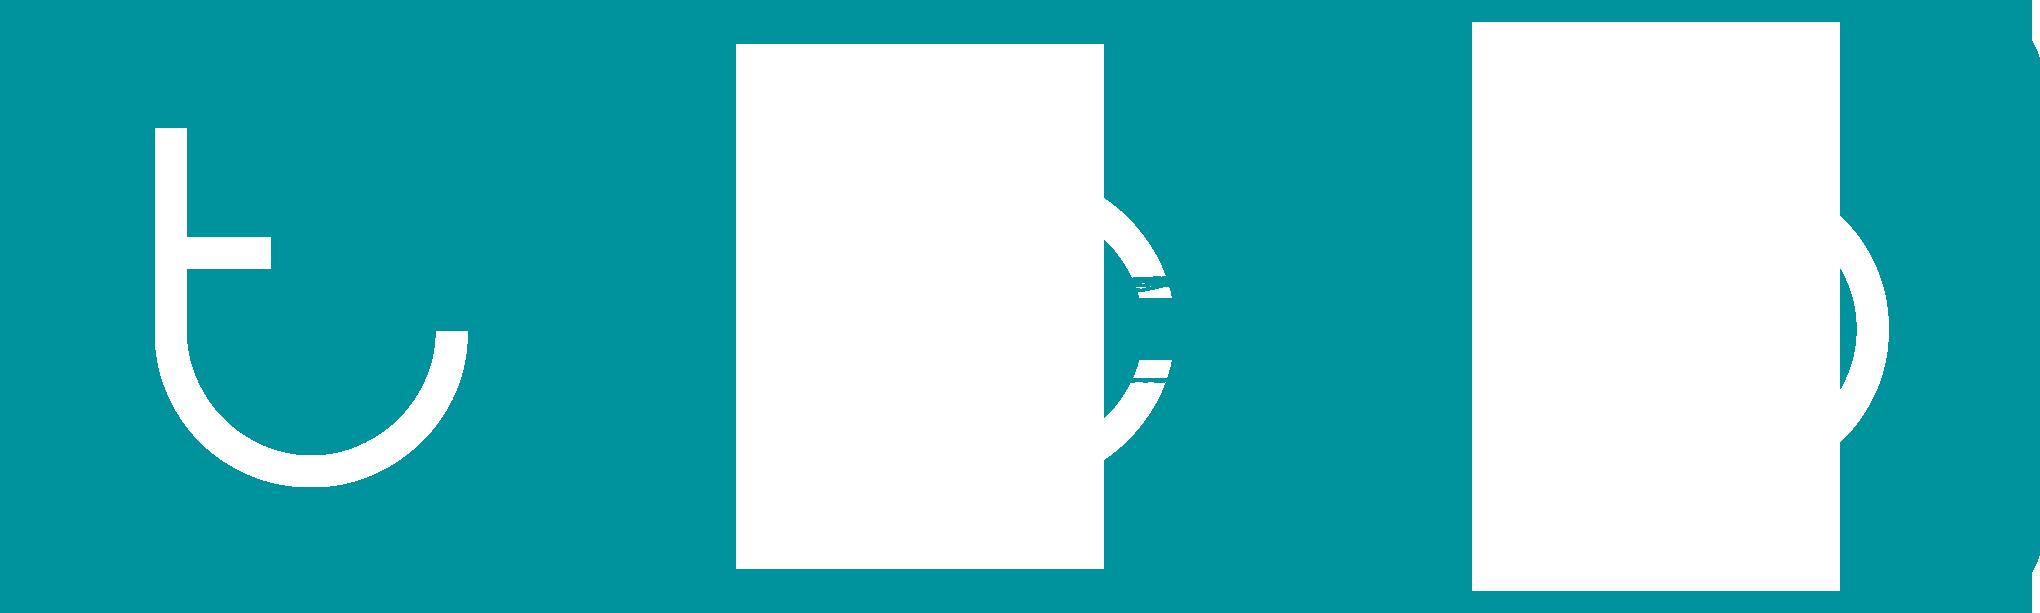 tco Event – Ihr professioneller Partner für Veranstaltungstechnik aus Siegen